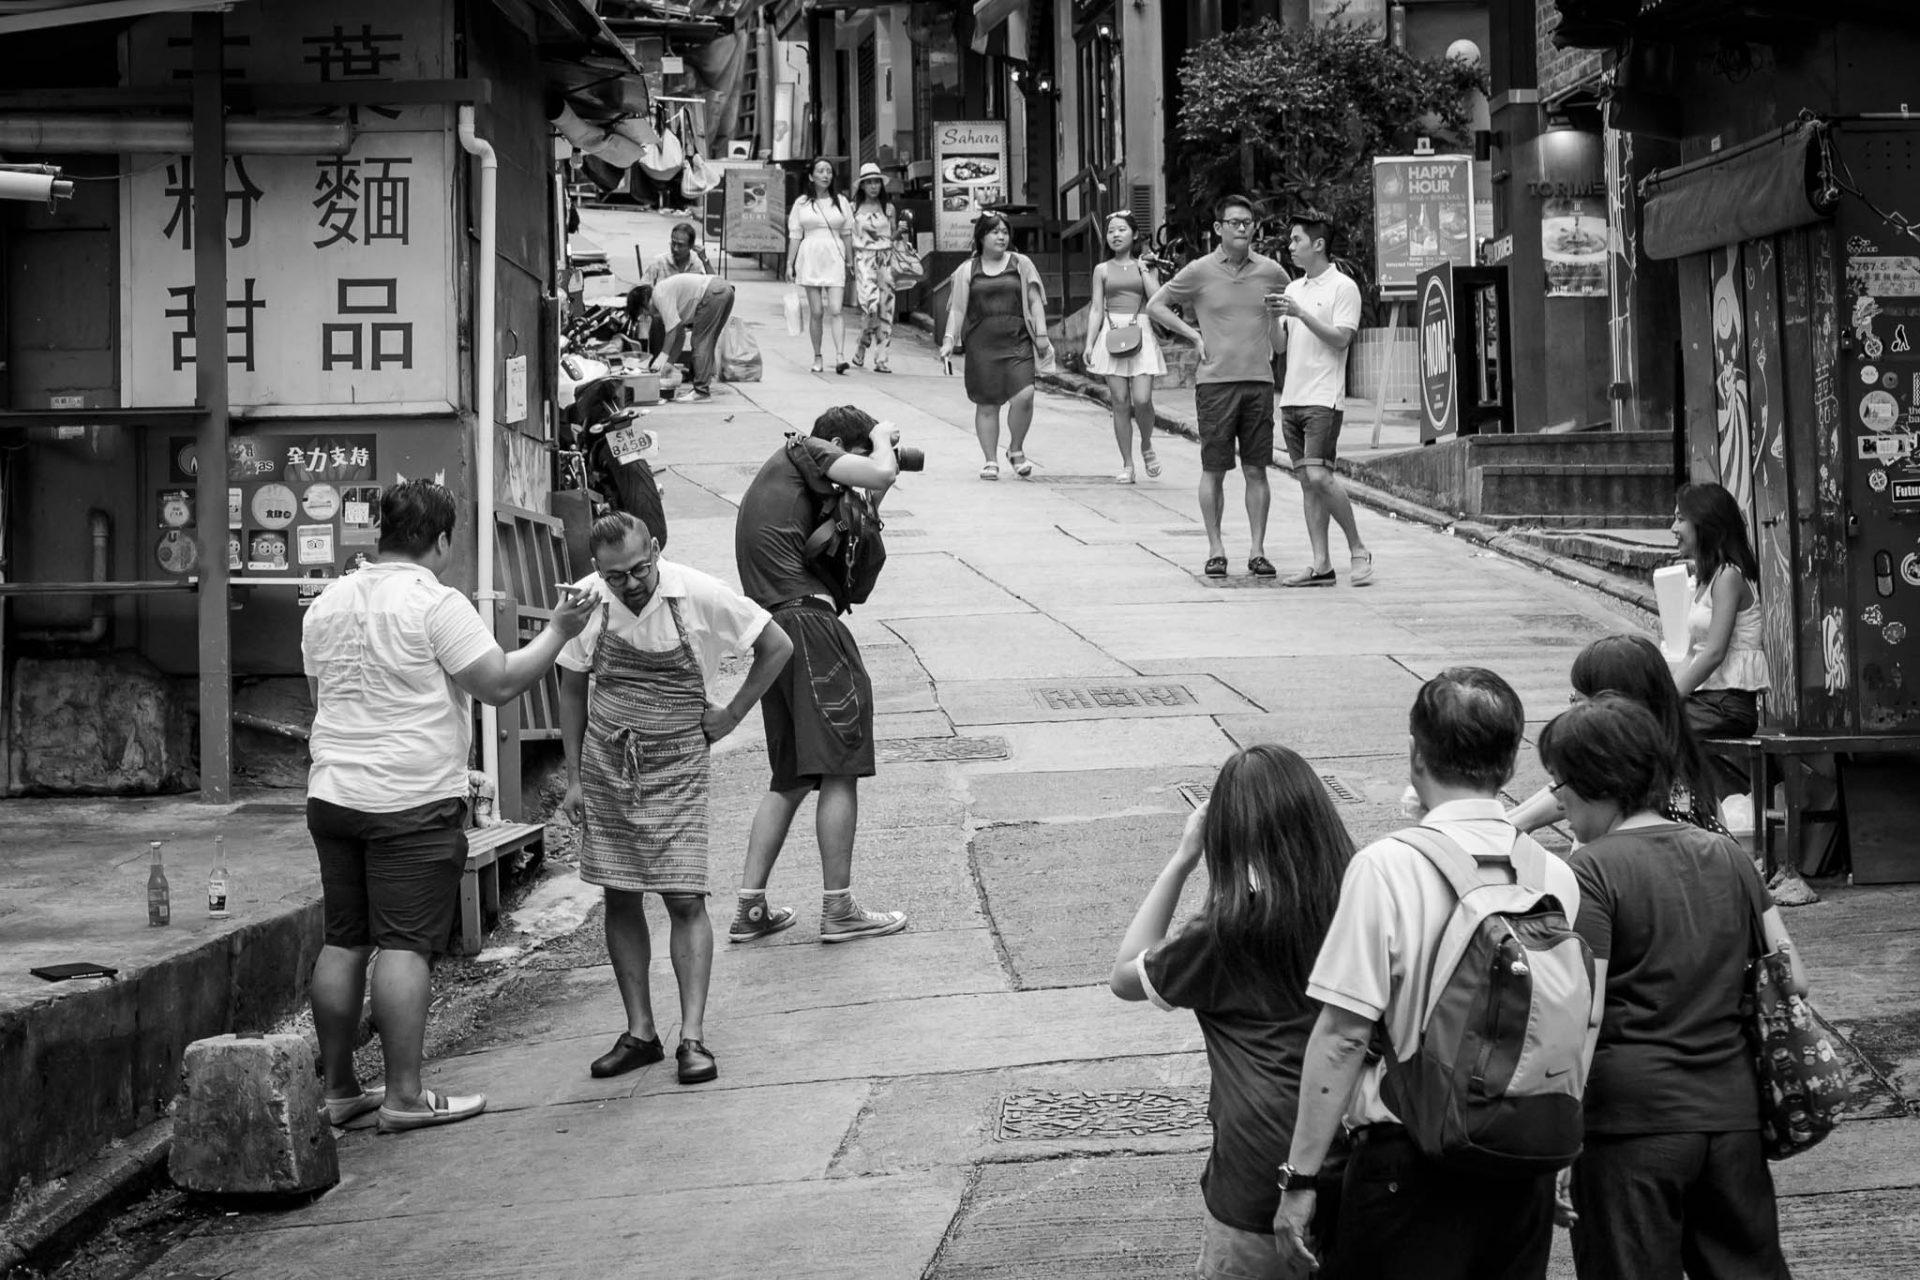 Street scene. Elgin Street, Hong Kong